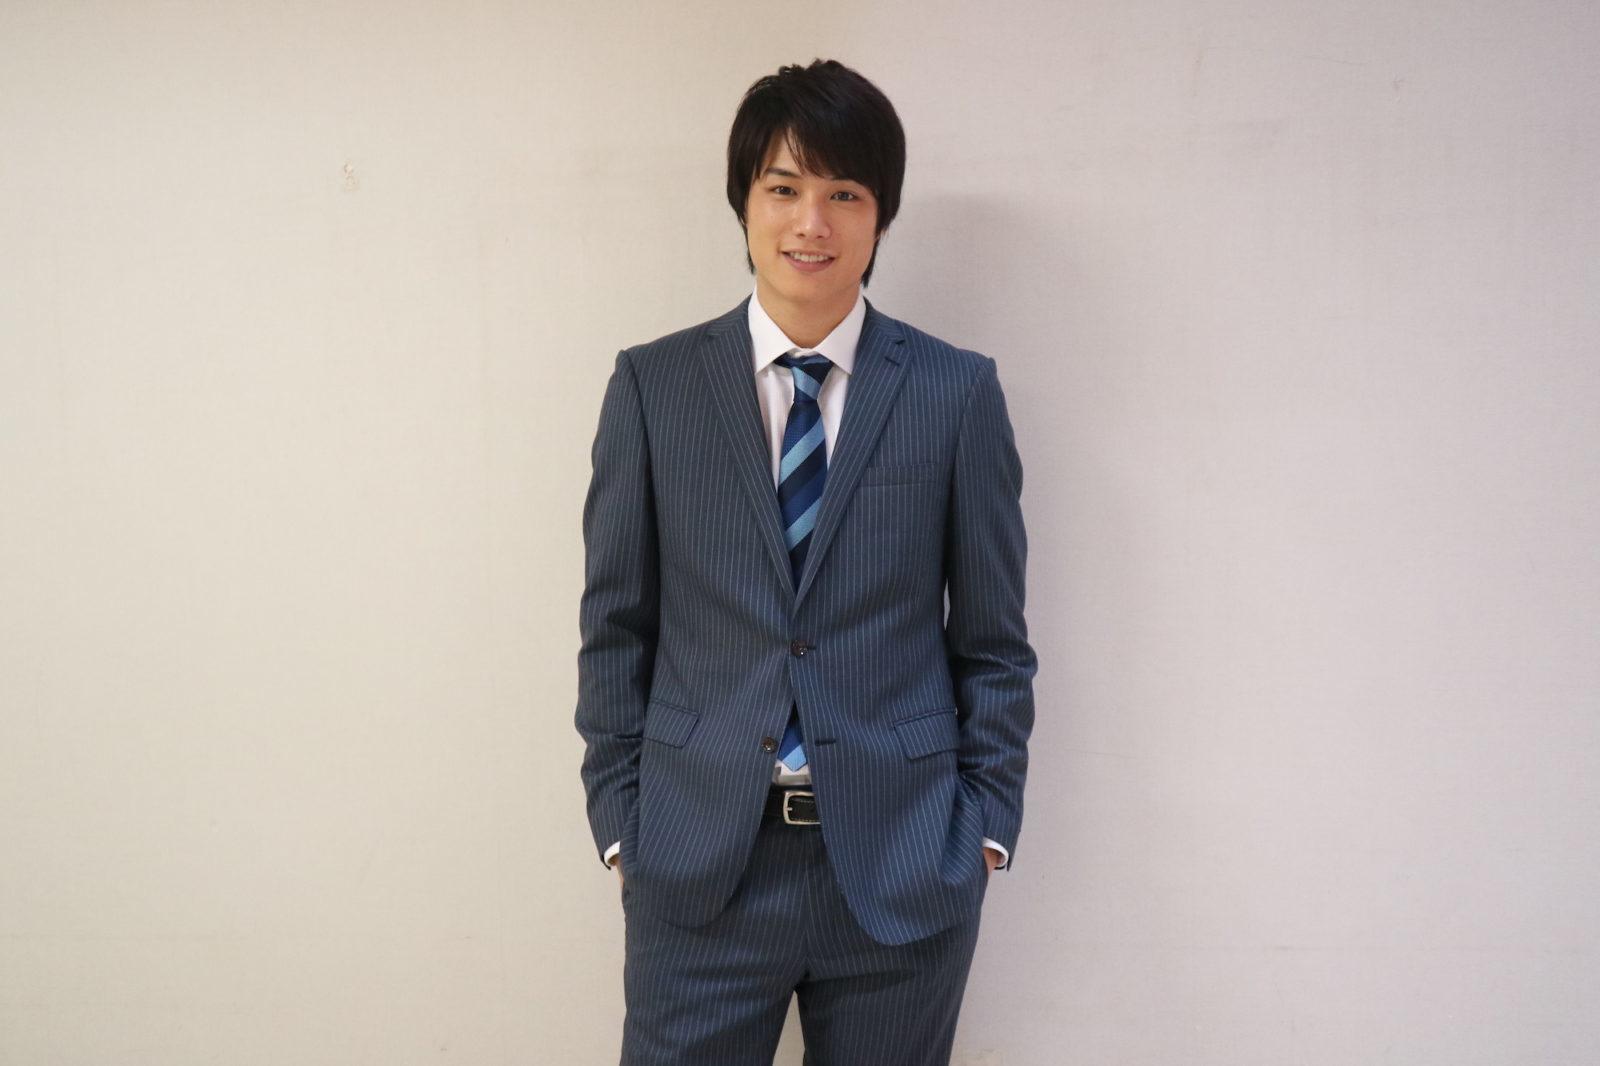 劇団EXILE・鈴木伸之、大先輩AKIRAへしでかした失態を告白「酔っ払っていて…」サムネイル画像